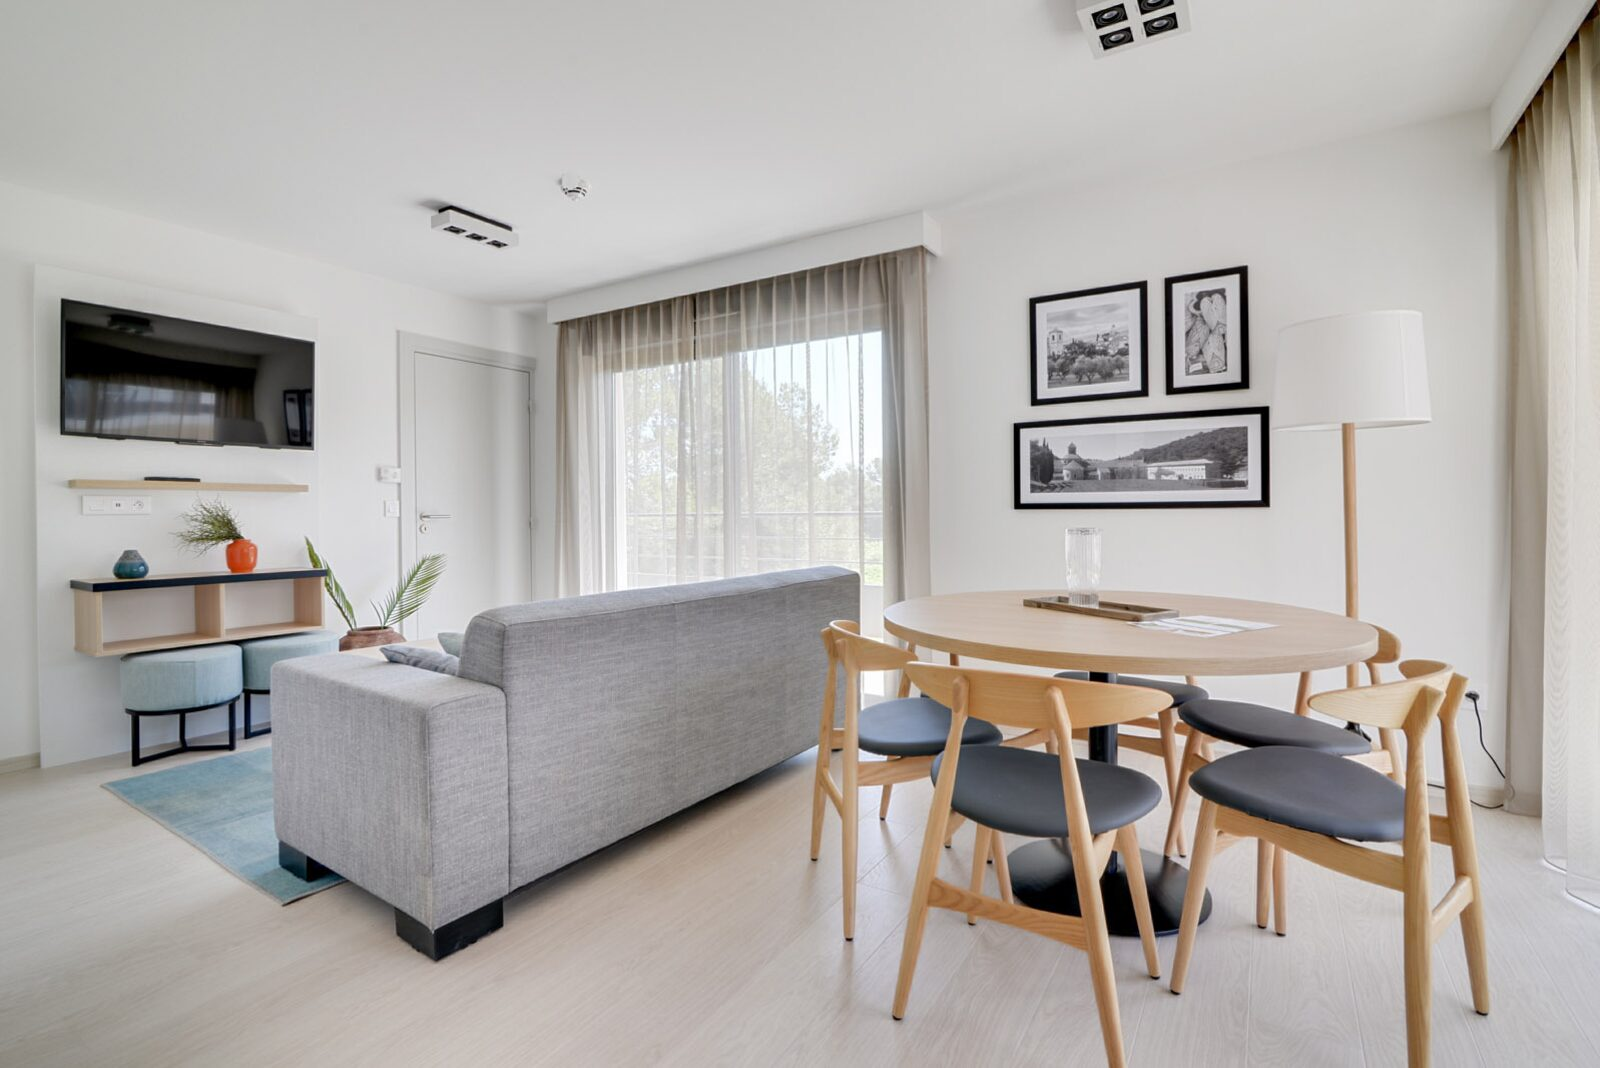 Penthouse famille pour 6 personnes avec 2 lits superposés